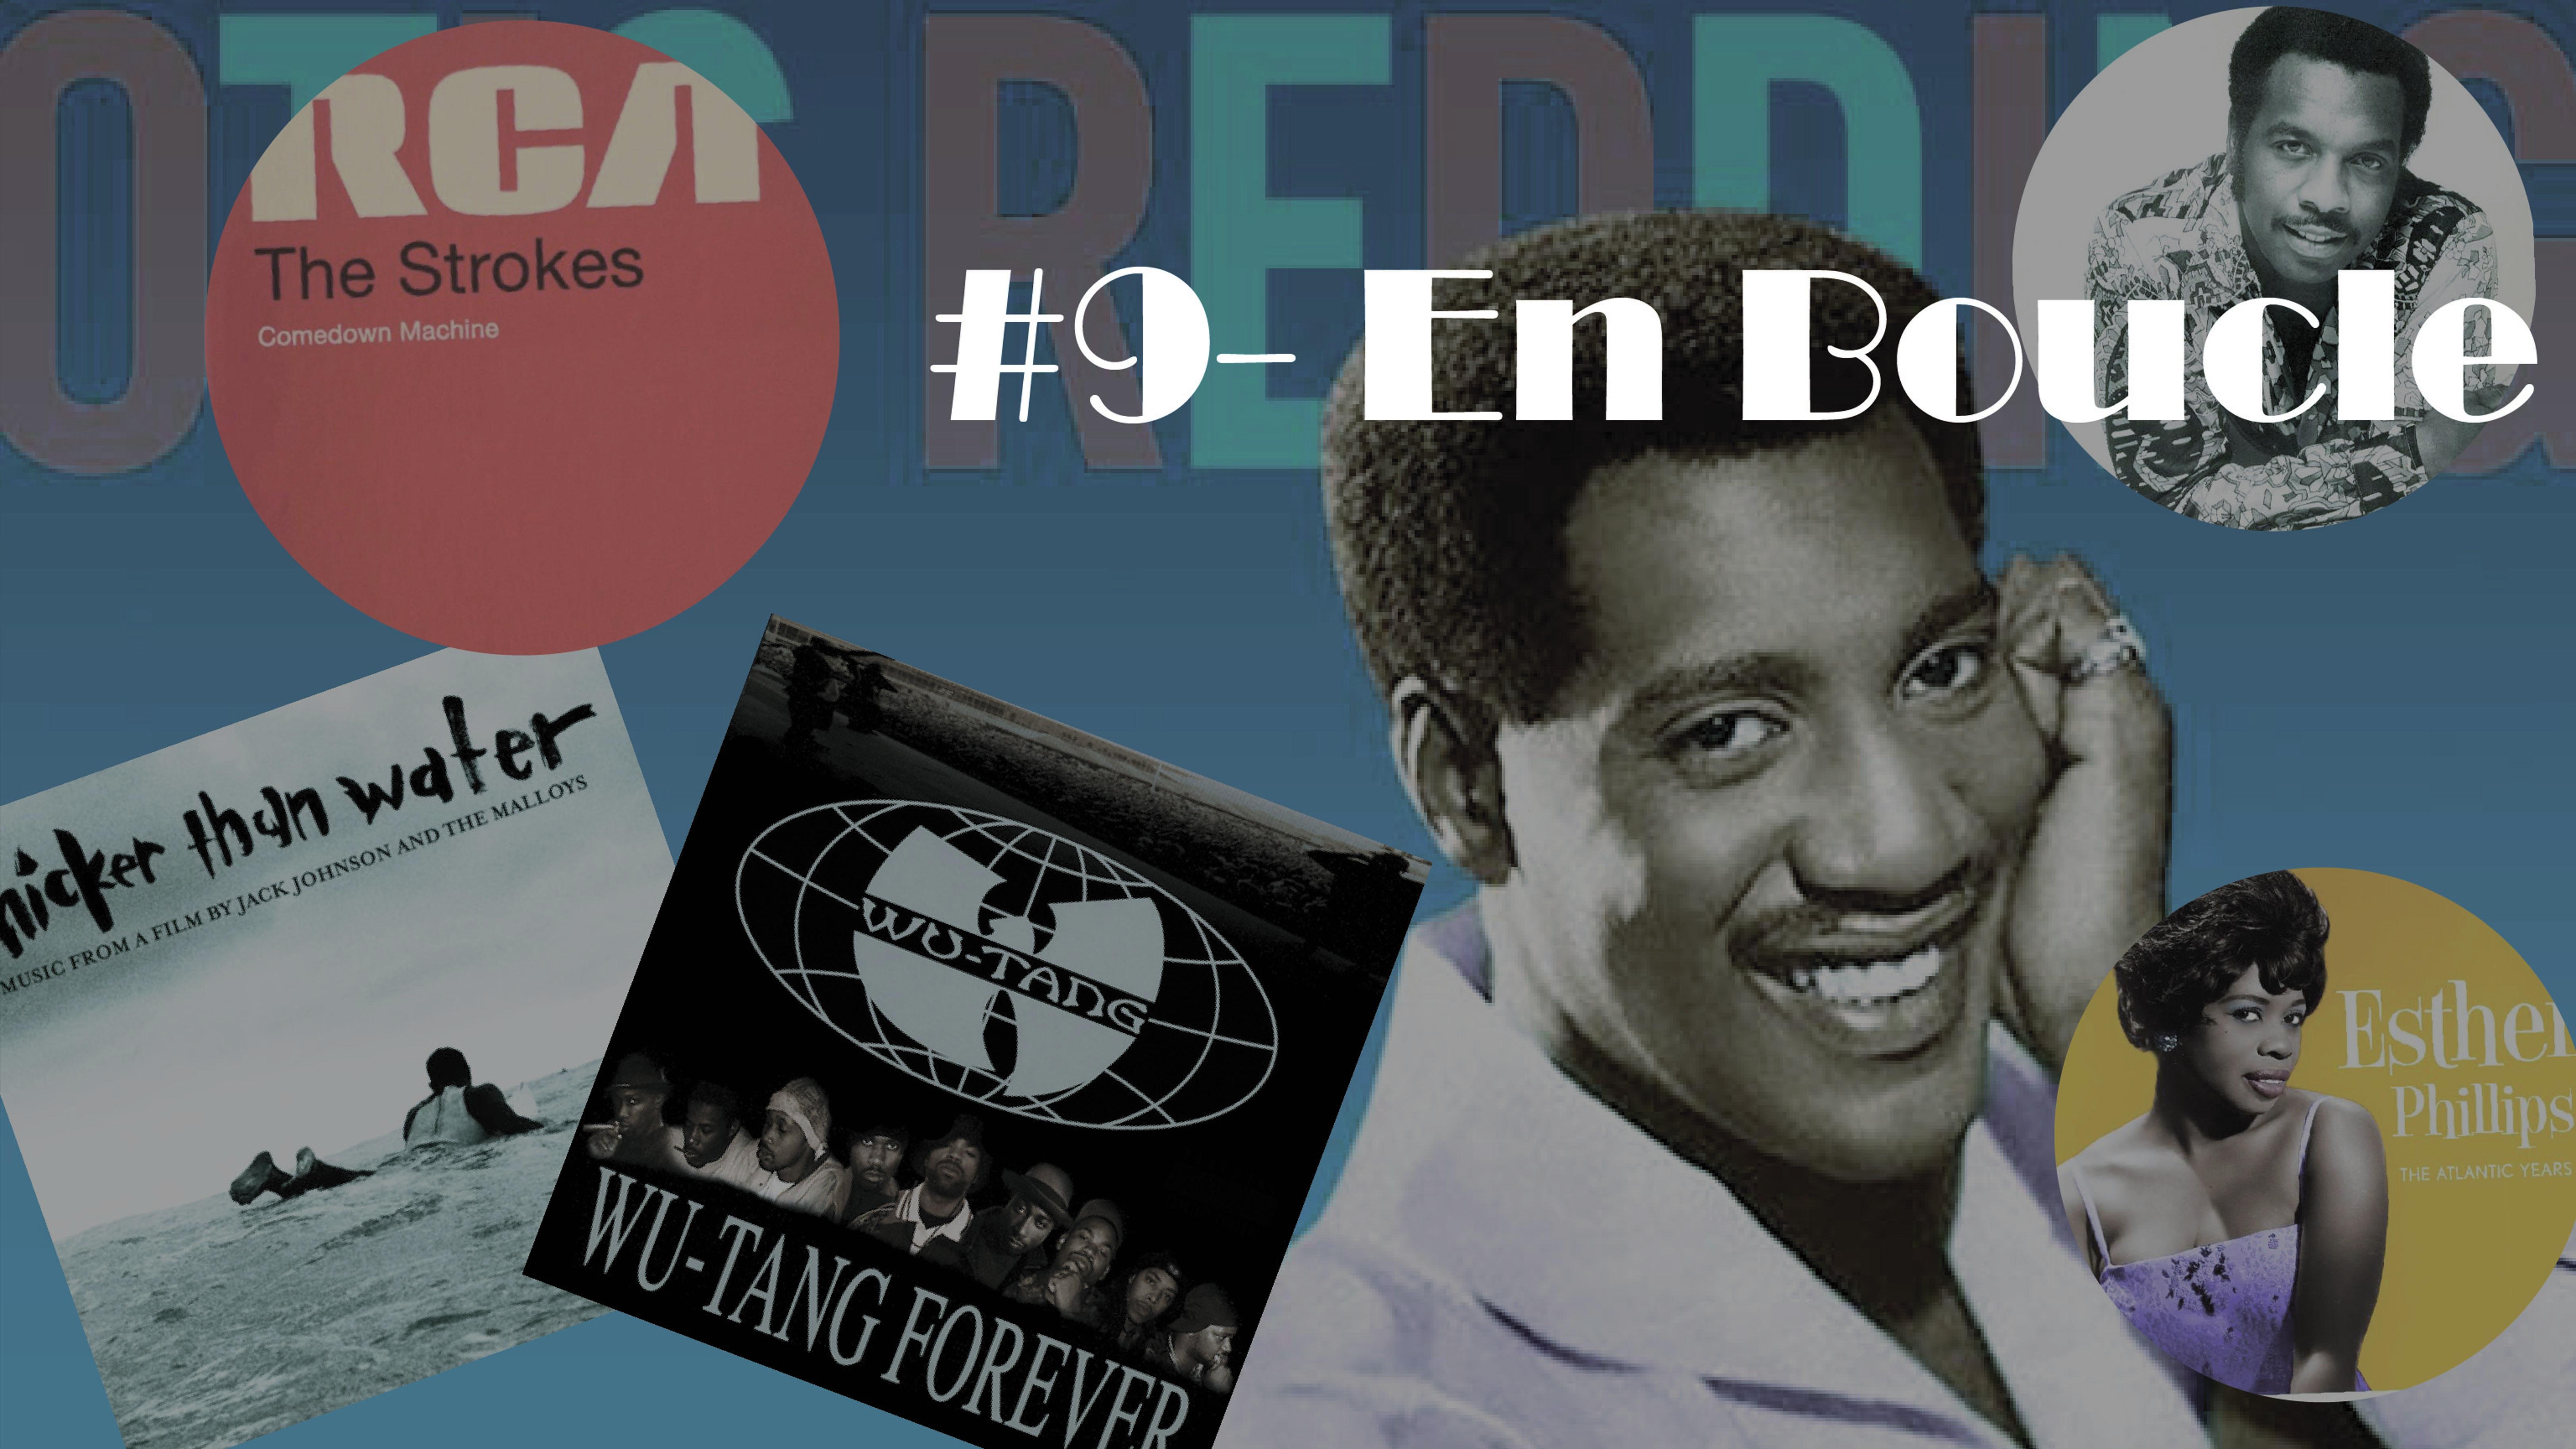 Playlist #9 – En Boucle (Avec anecdotes)